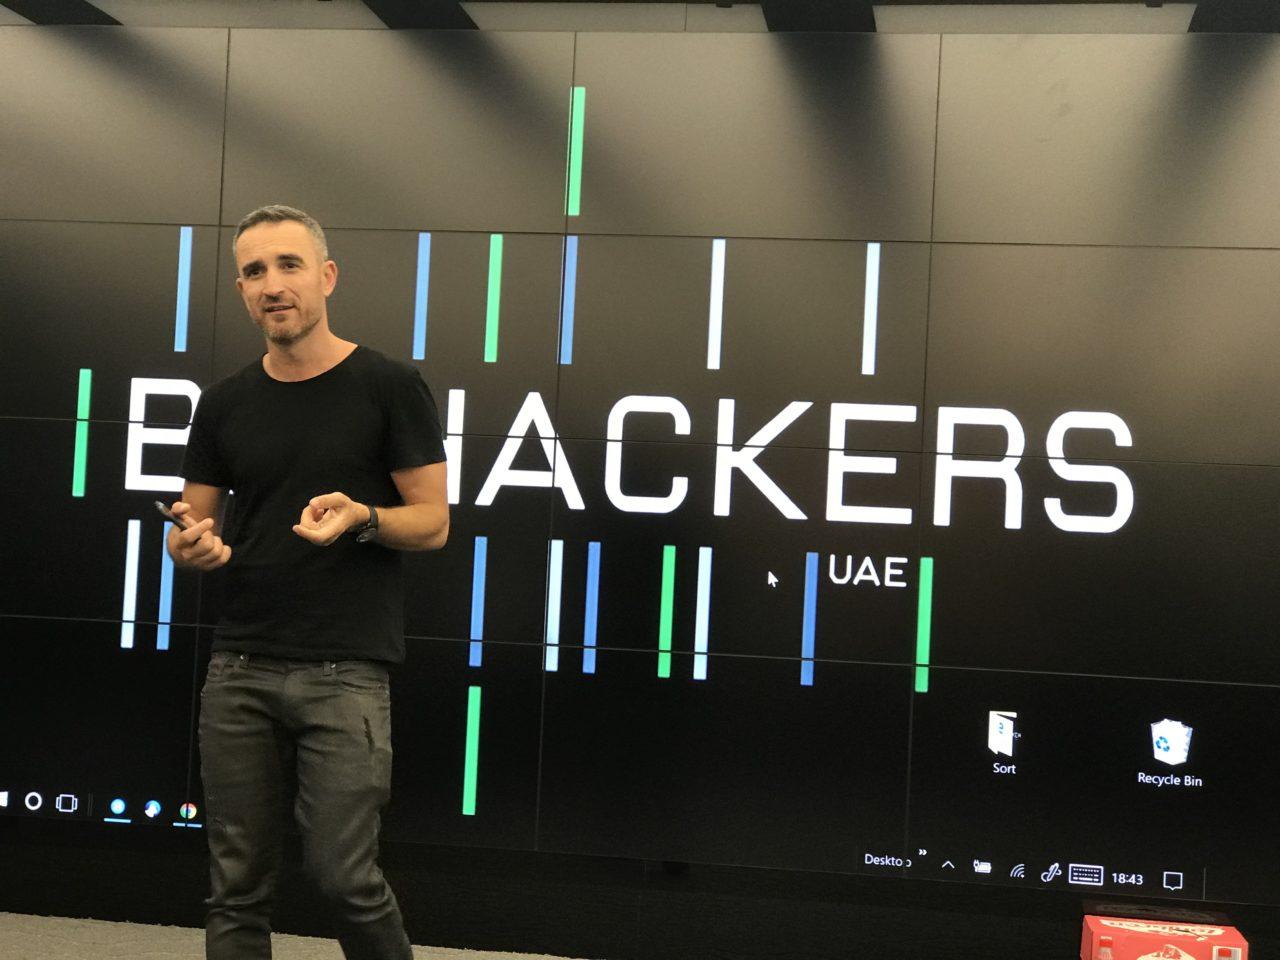 biohack UAE